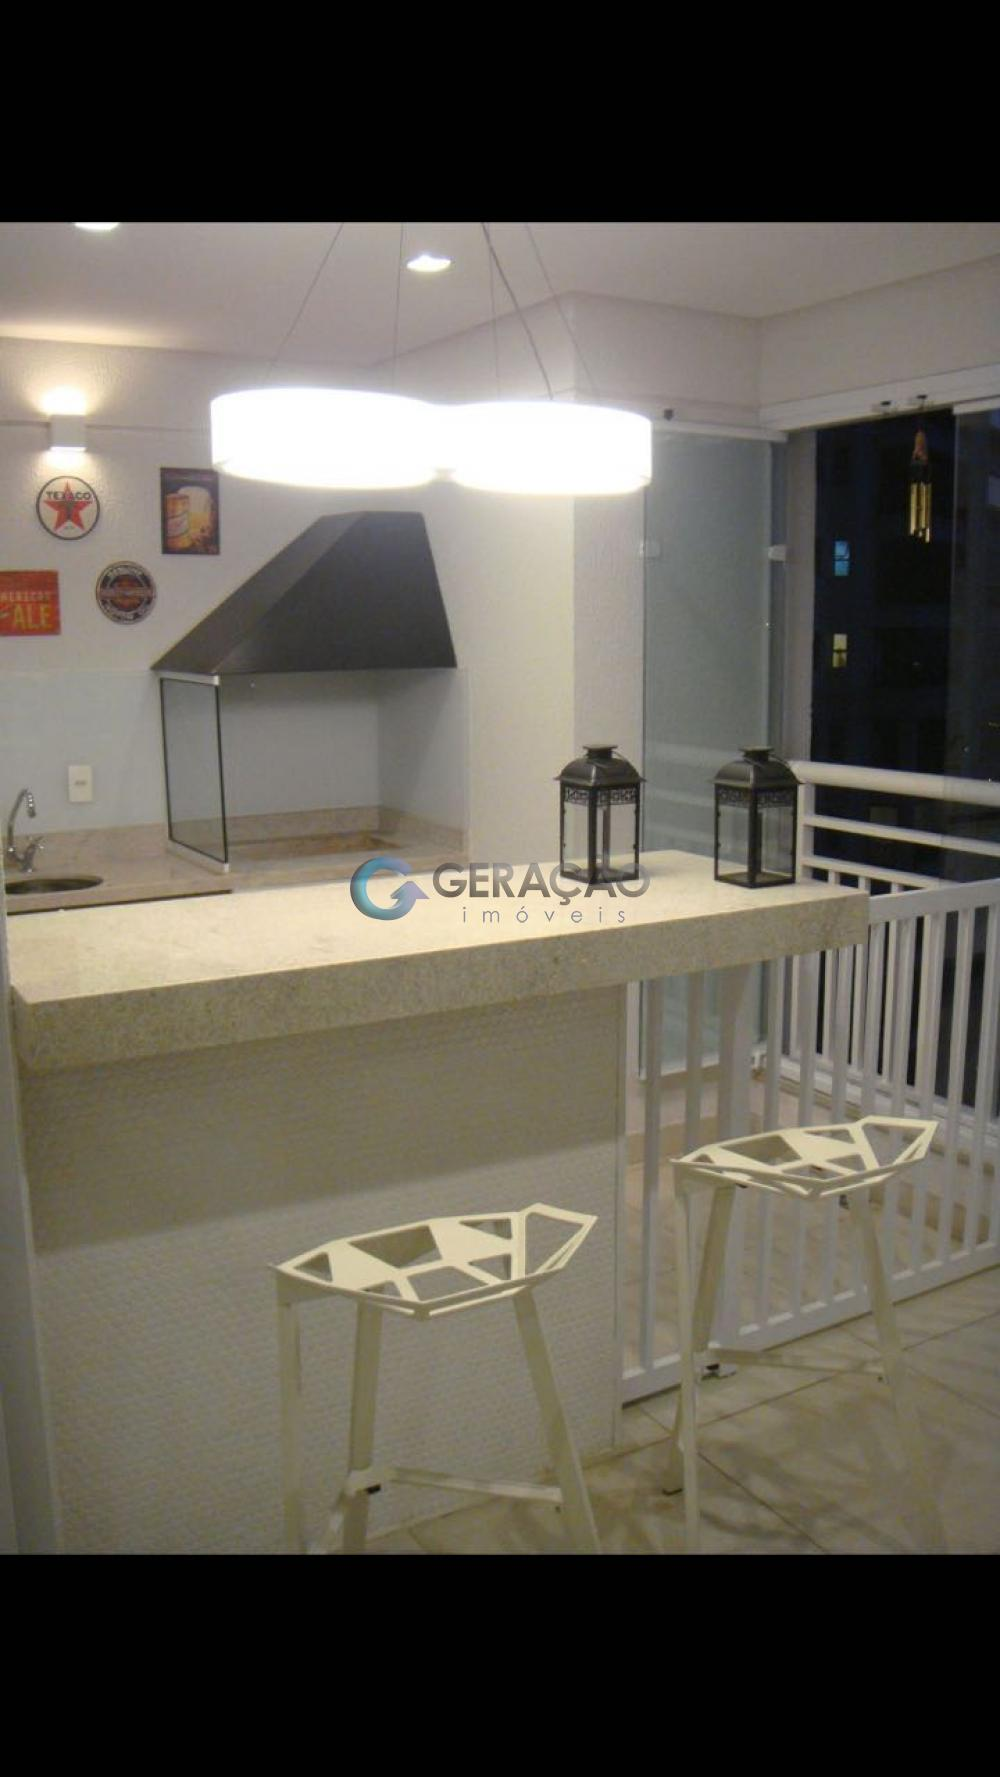 Comprar Apartamento / Padrão em São José dos Campos apenas R$ 870.000,00 - Foto 5